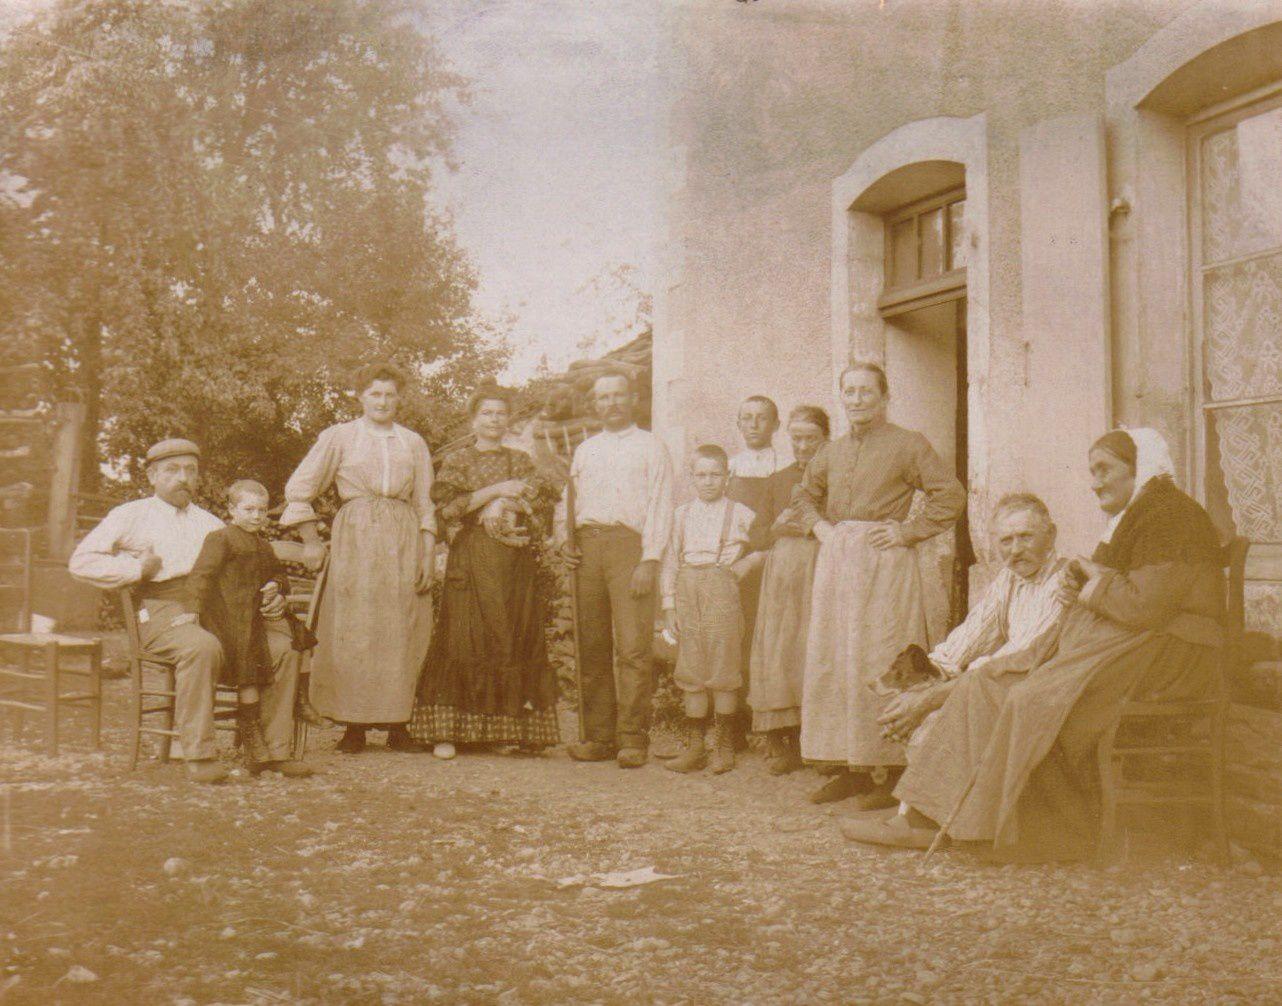 La famille Démésy-Petitgirard devant la ferme de la Bouverie en 1908 (photo Mozer).